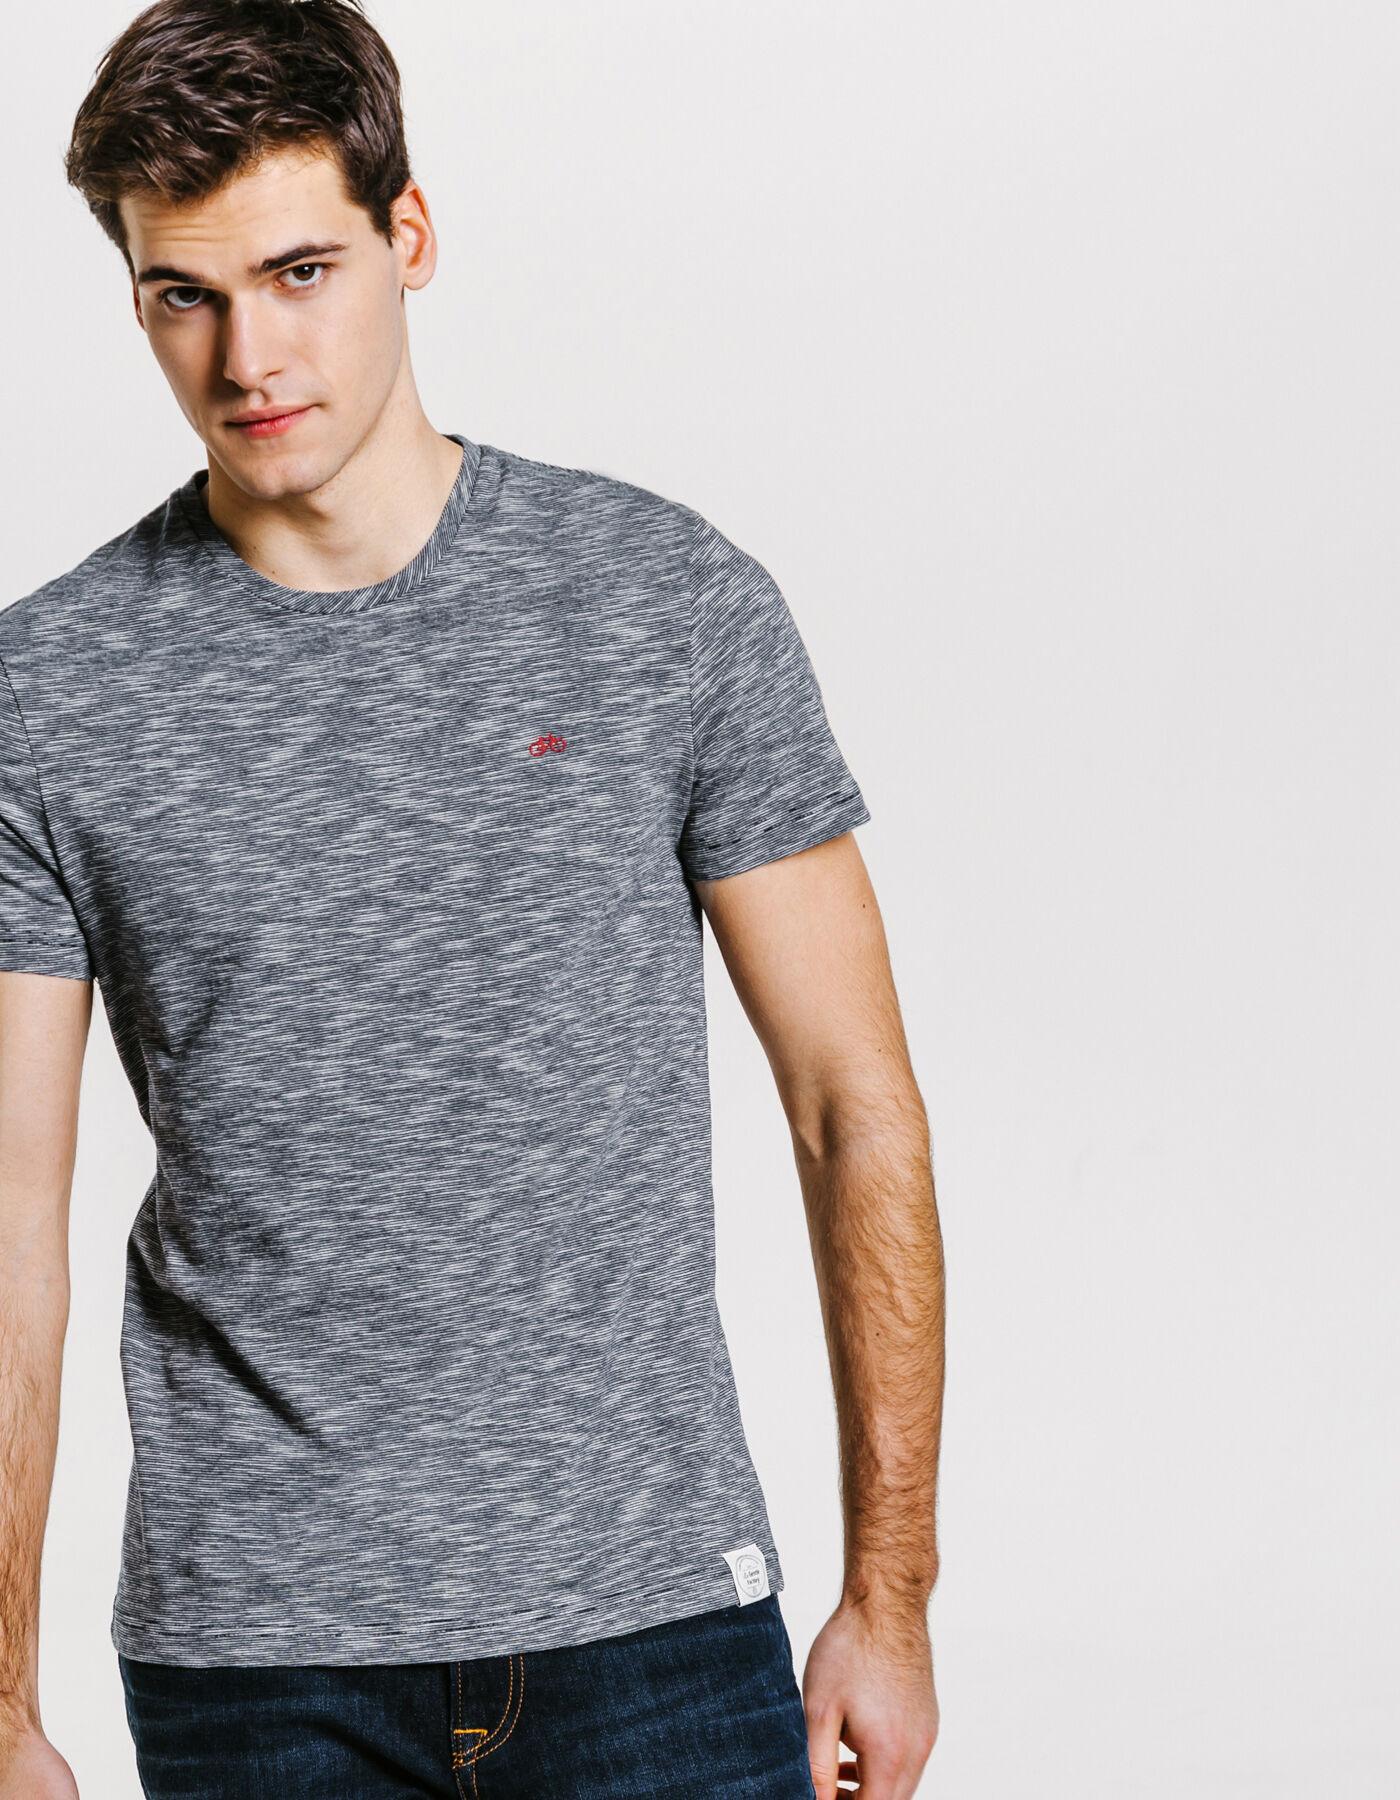 637706f77d6 T-shirt rayé La Gentle Factory Bleu Marine Homme - Jules